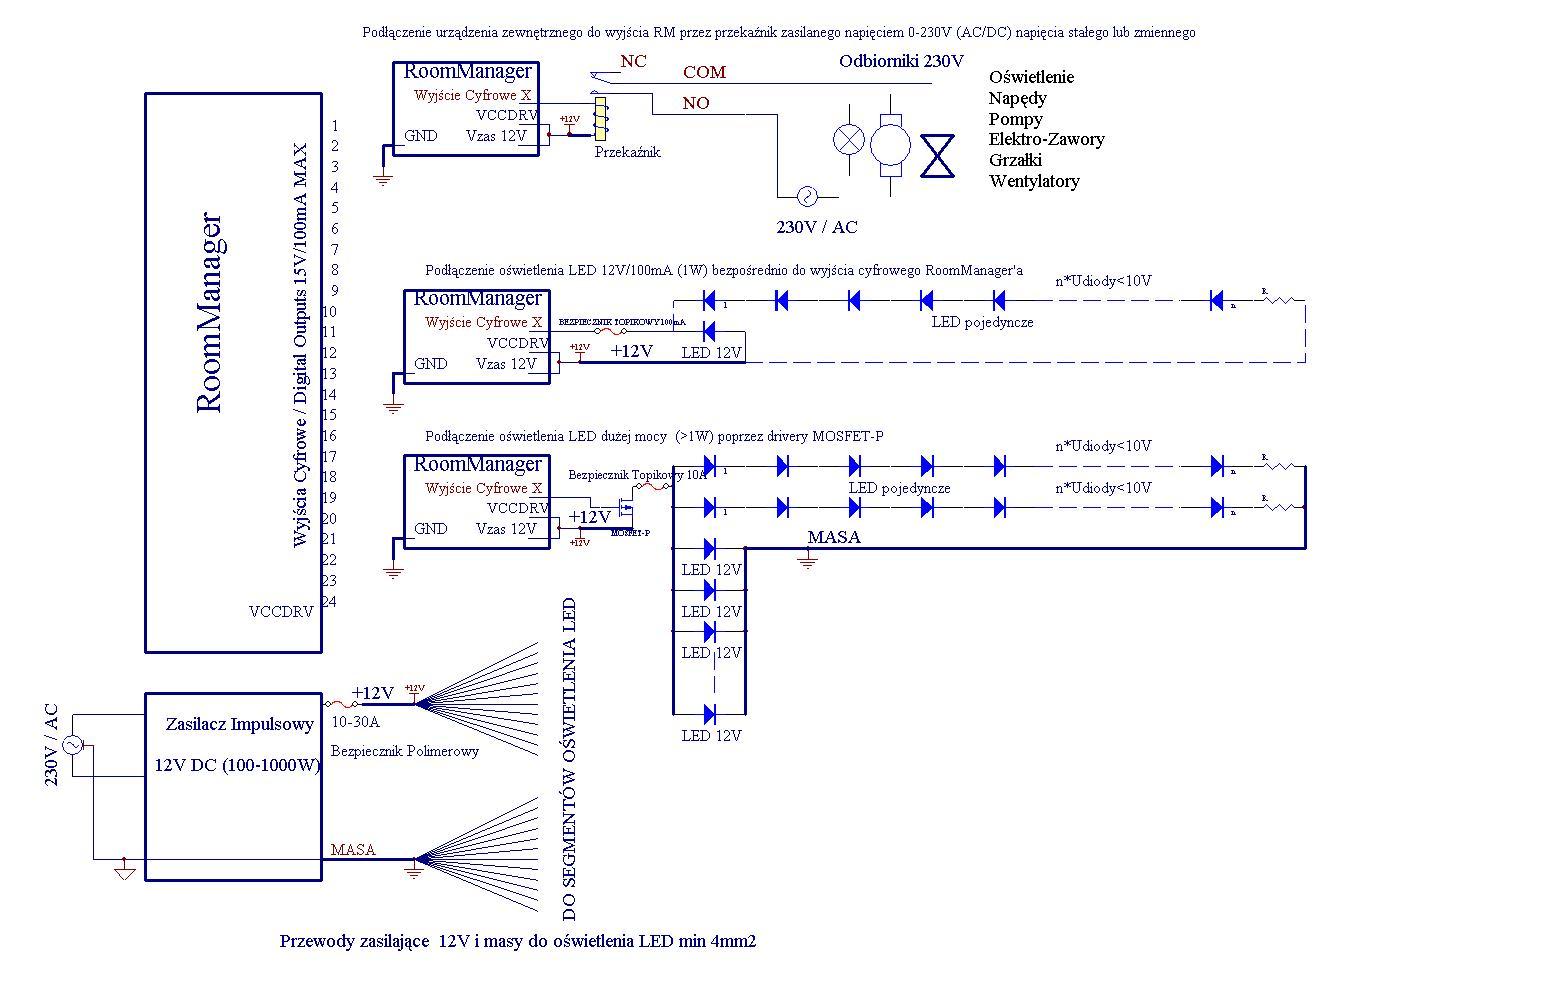 Beste Schaltplan Für Standardzimmer Galerie - Elektrische Schaltplan ...